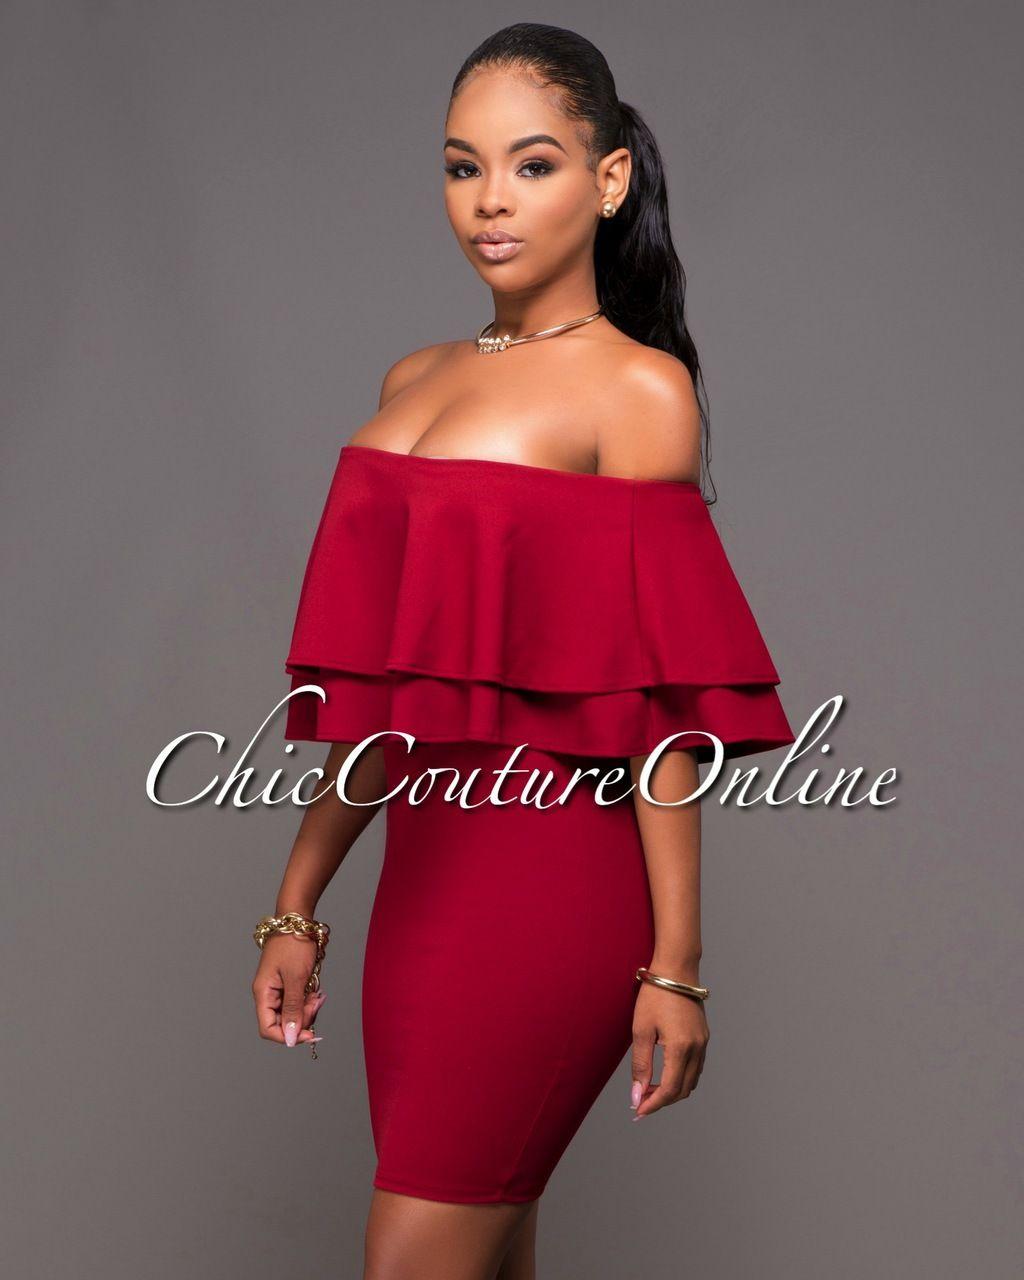 de7a598392999 Choker Dress, Chic Couture Online, Ruffle Dress, Strapless Dress, Ruffles,  Matisse